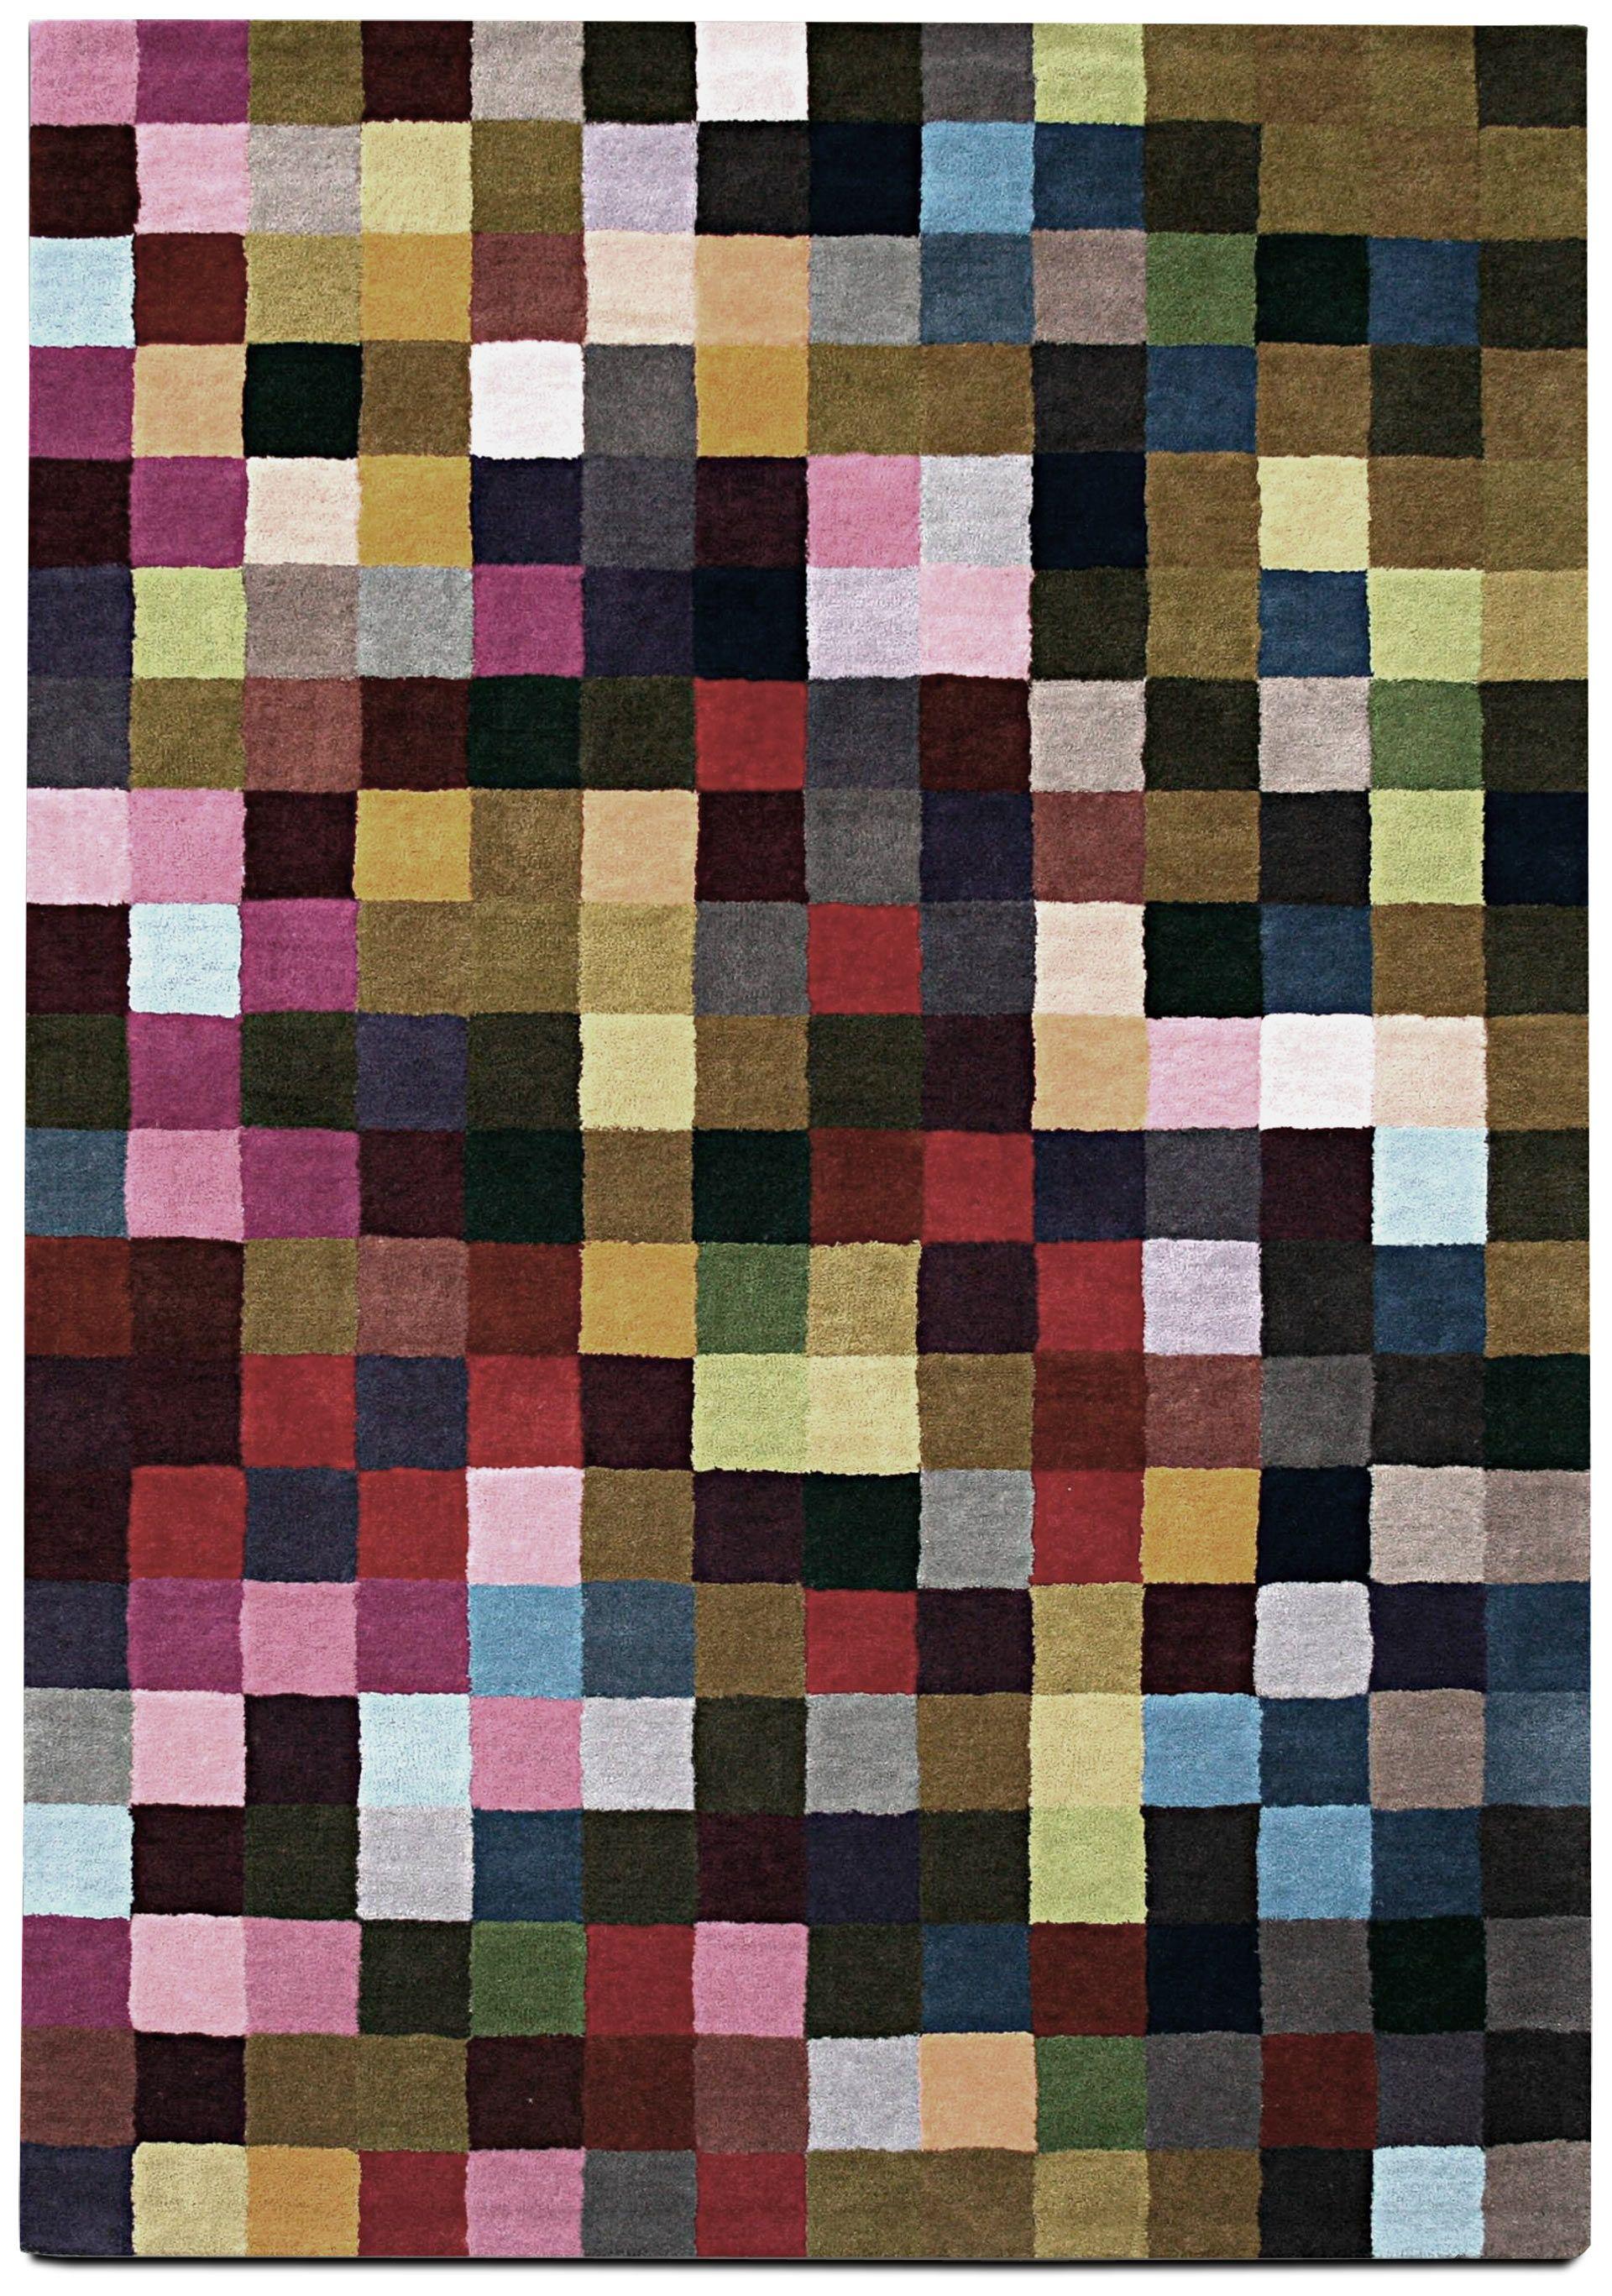 Alfombras tejidas contempor neas calidad de boconcept ideas para casa affordable area rugs - Alfombras contemporaneas ...